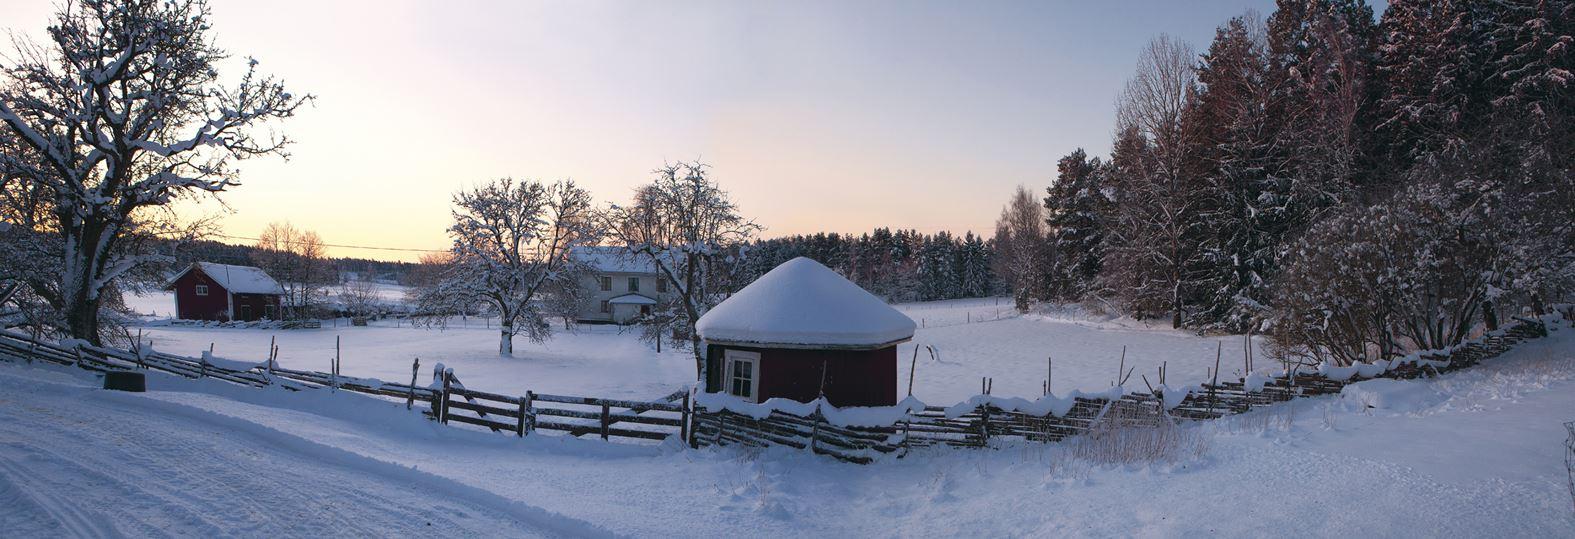 Julmys på Smultronboda fårgård